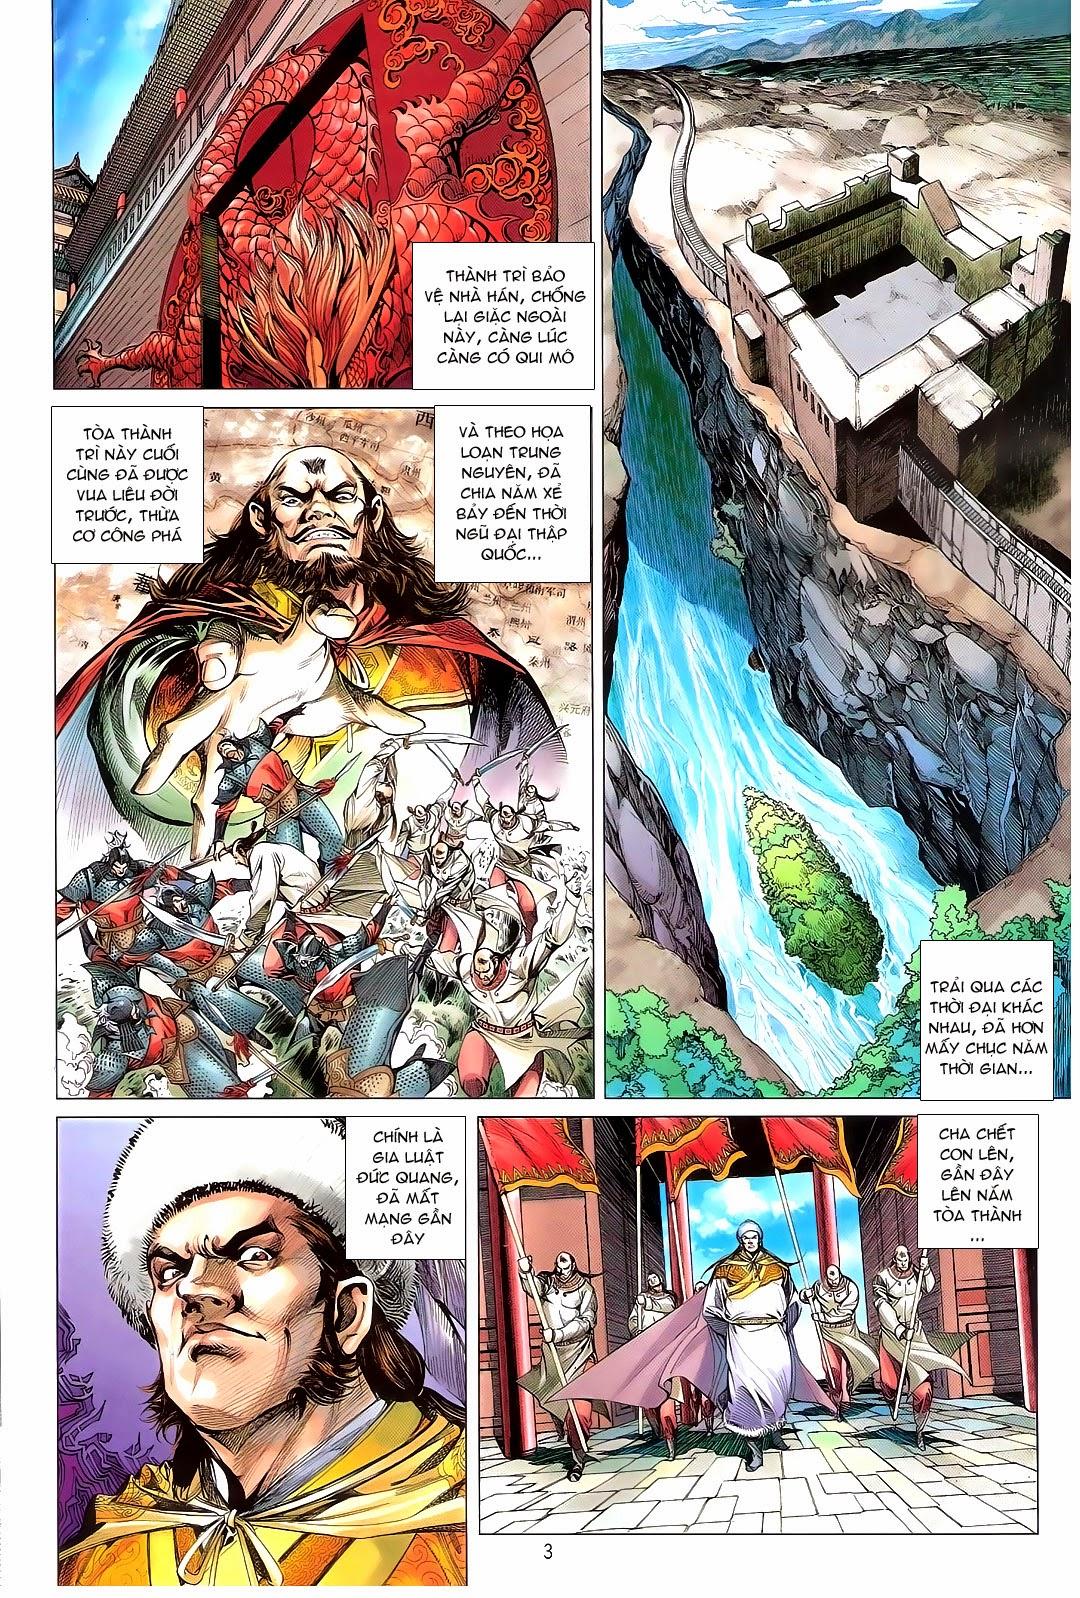 tuoithodudoi.com Thiết Tướng Tung Hoành Chapter 110 - 3.jpg